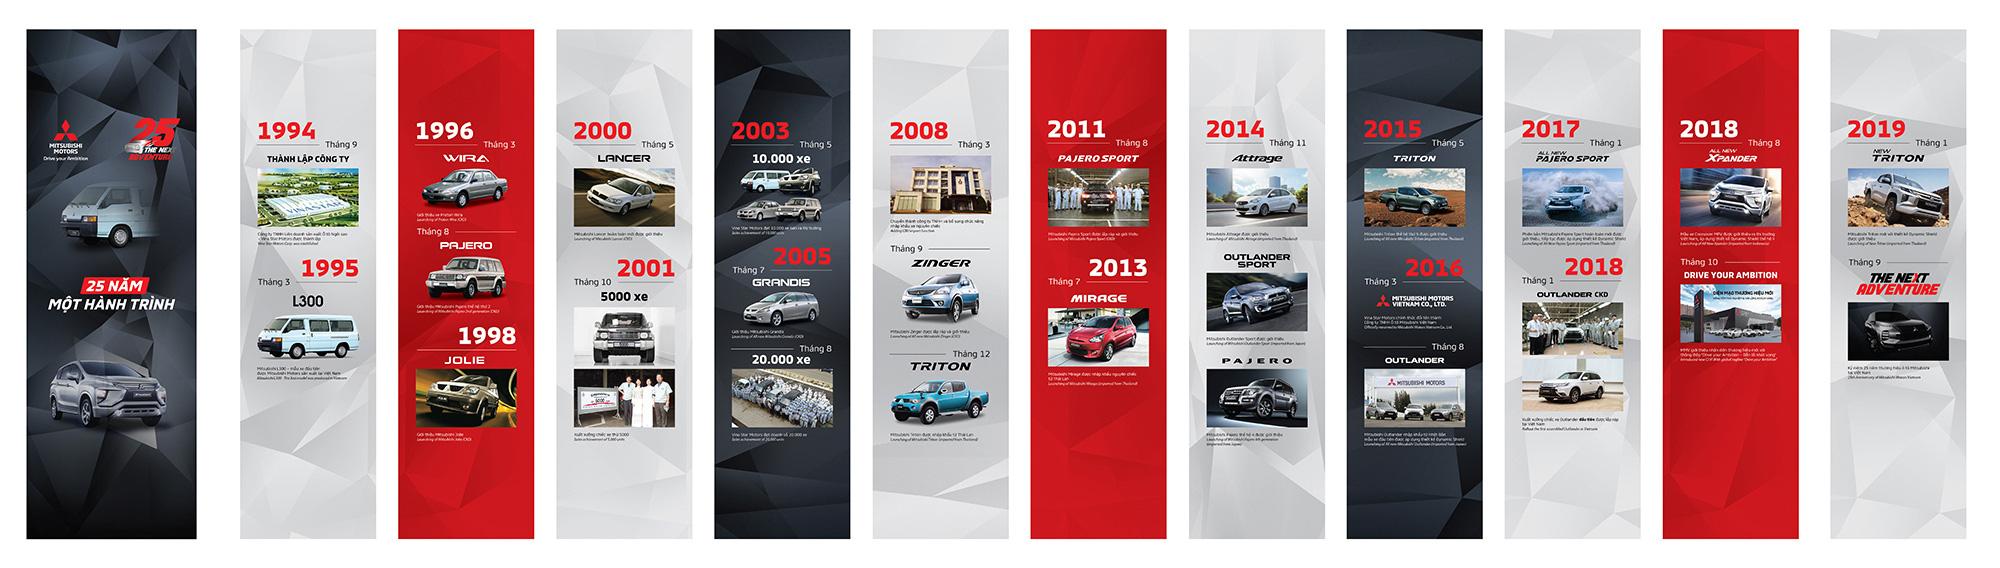 Mitsubishi Việt Nam: 25 năm từ thuở bình minh tới kẻ thay đổi cuộc chơi - Ảnh 3.